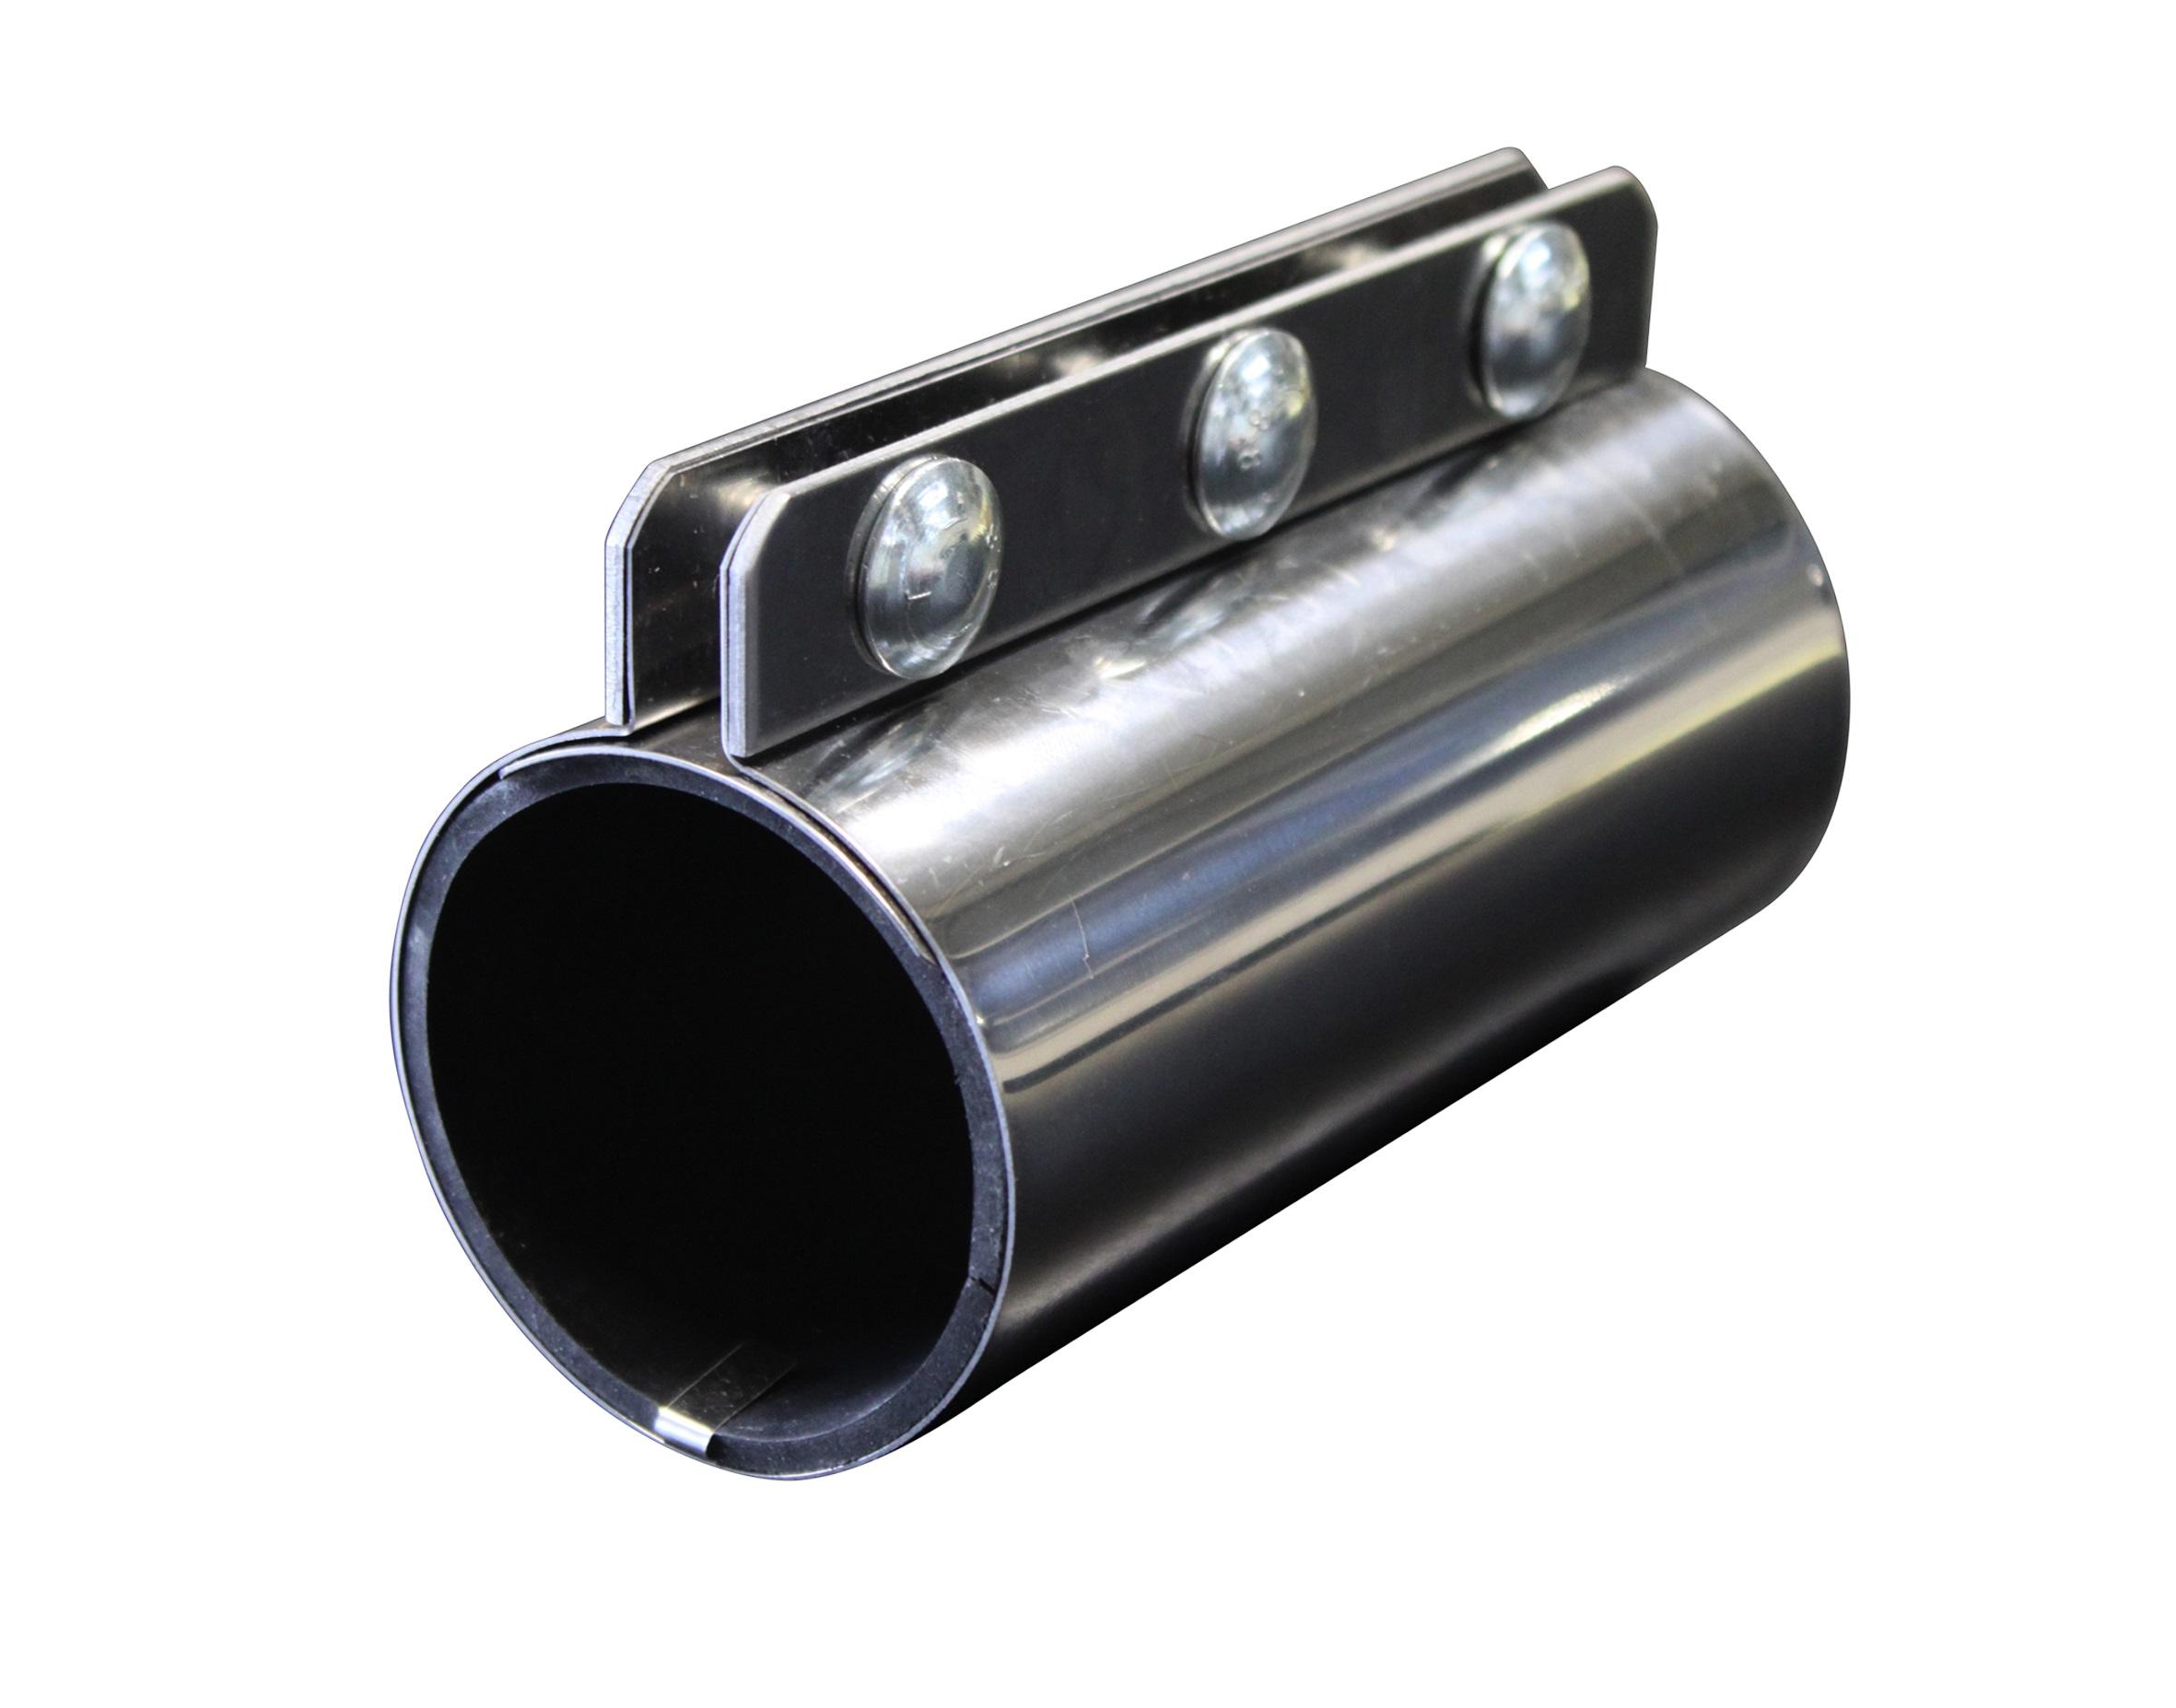 Buiskoppelingen voor peumatisch transport van bulkstoffen